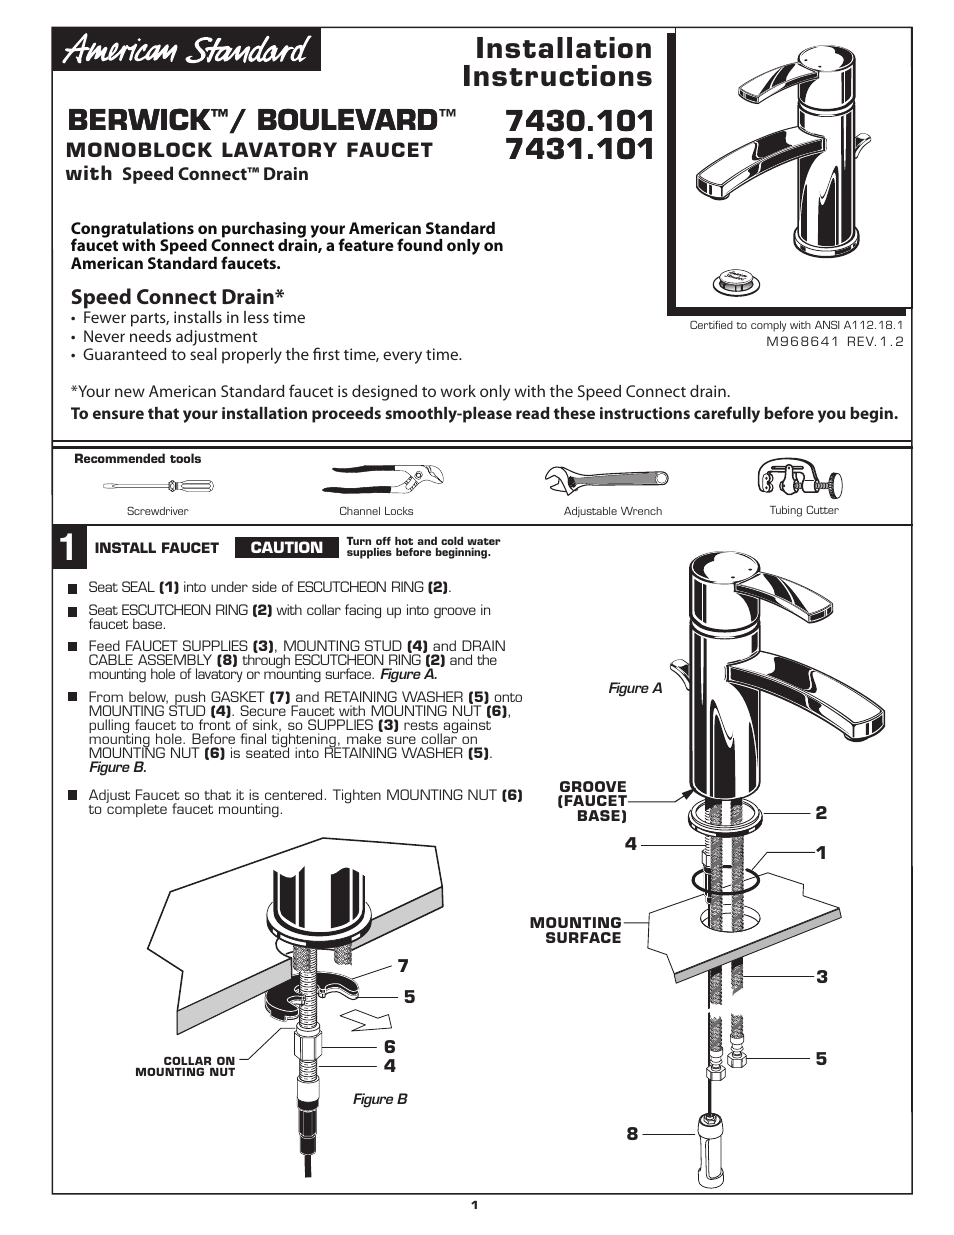 American Standard BERWICK M968641 User Manual | 6 pages